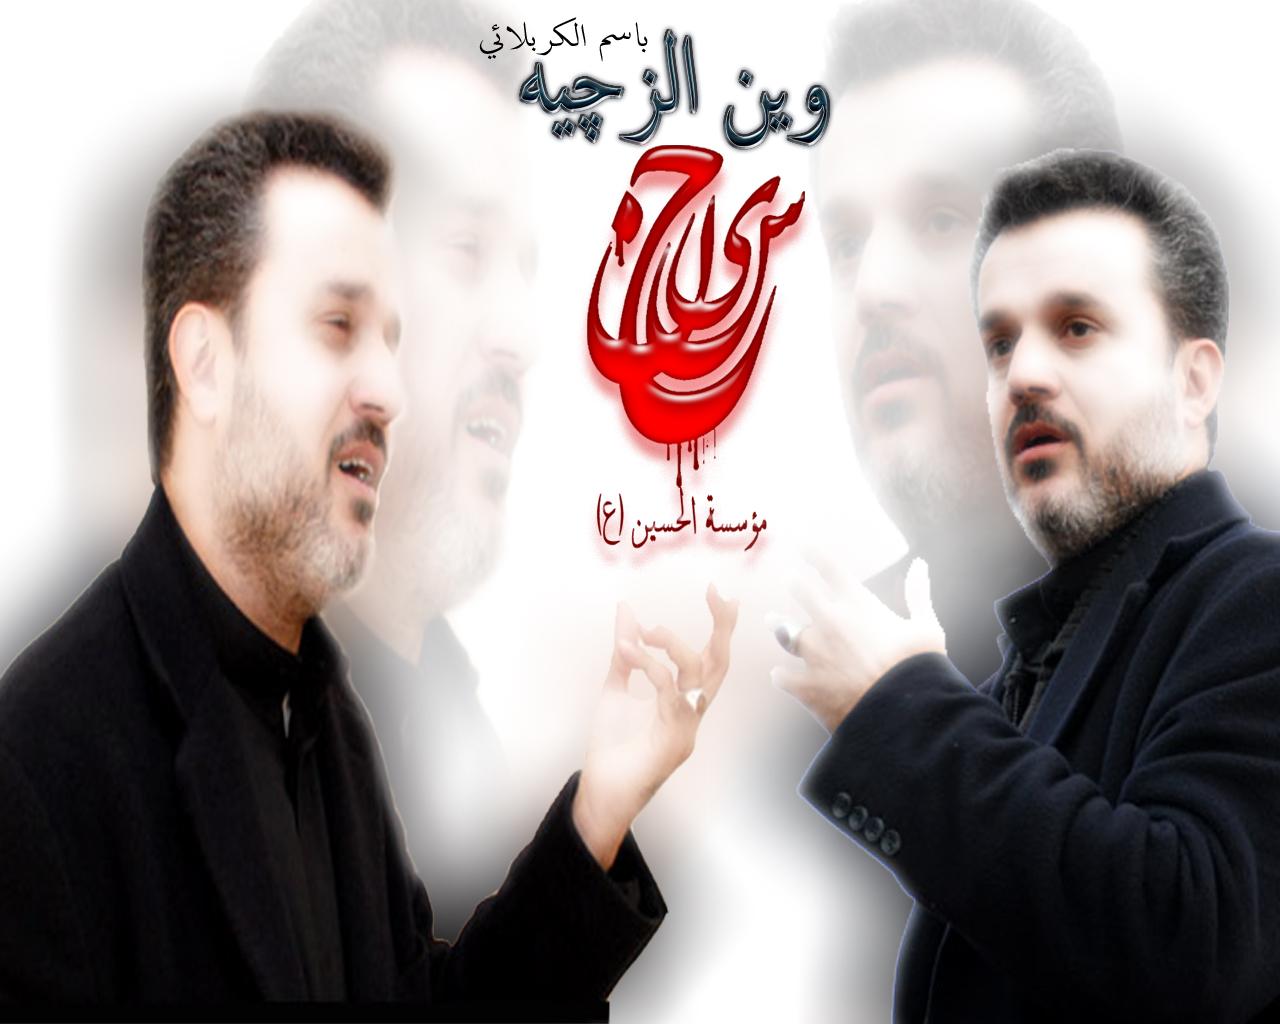 دانلود مداحی جدید عربی باسم الكربلائي محرم ۱۳۹۴